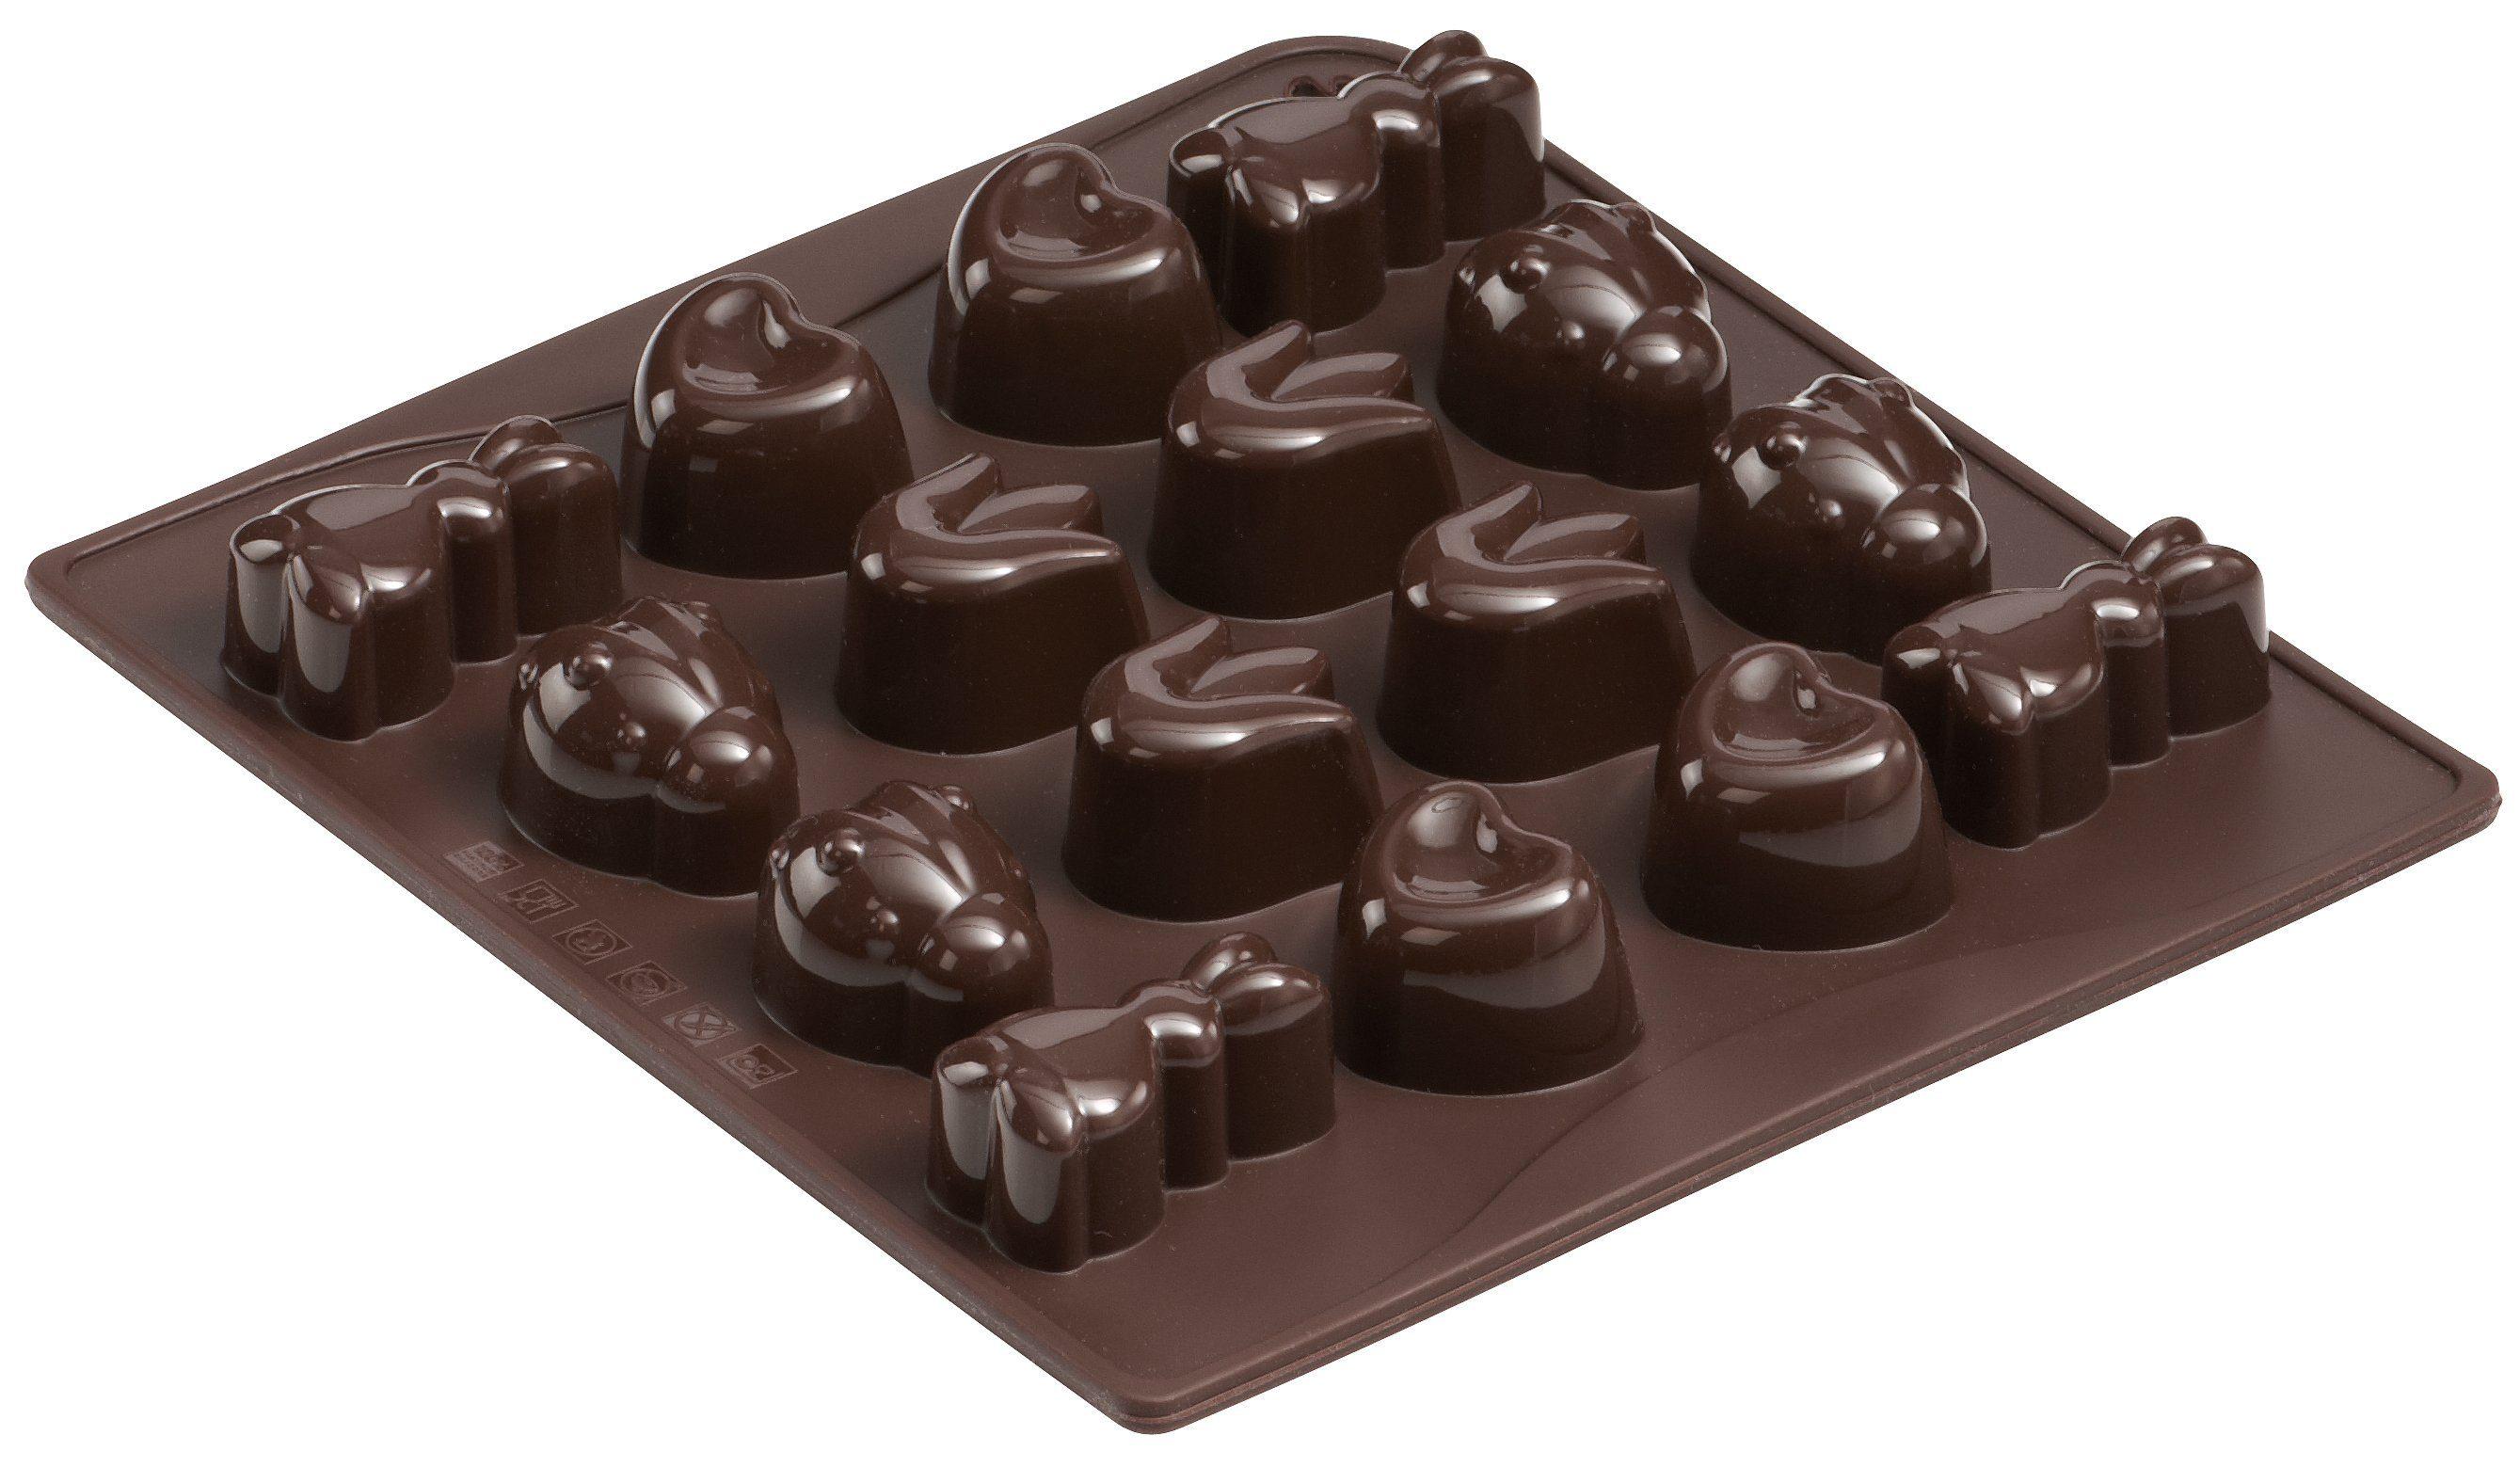 Dr. Oetker Schokoladenform Süßer Frühling »Confiserie«